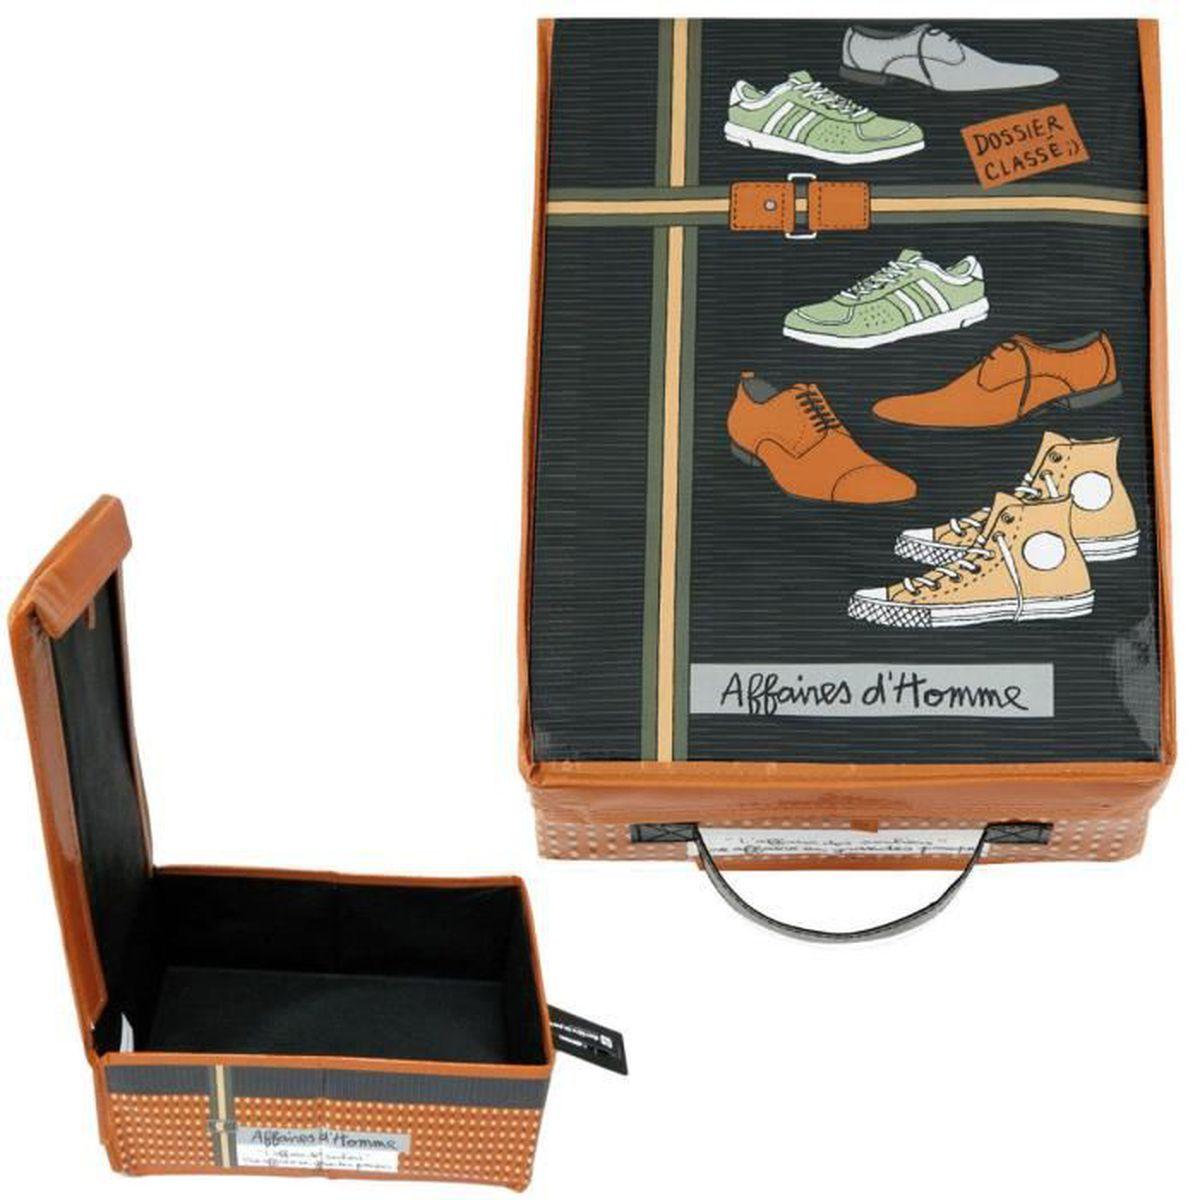 Porte Chaussure Derriere Porte boîte à chaussures grandes pompes pliable - de rangement